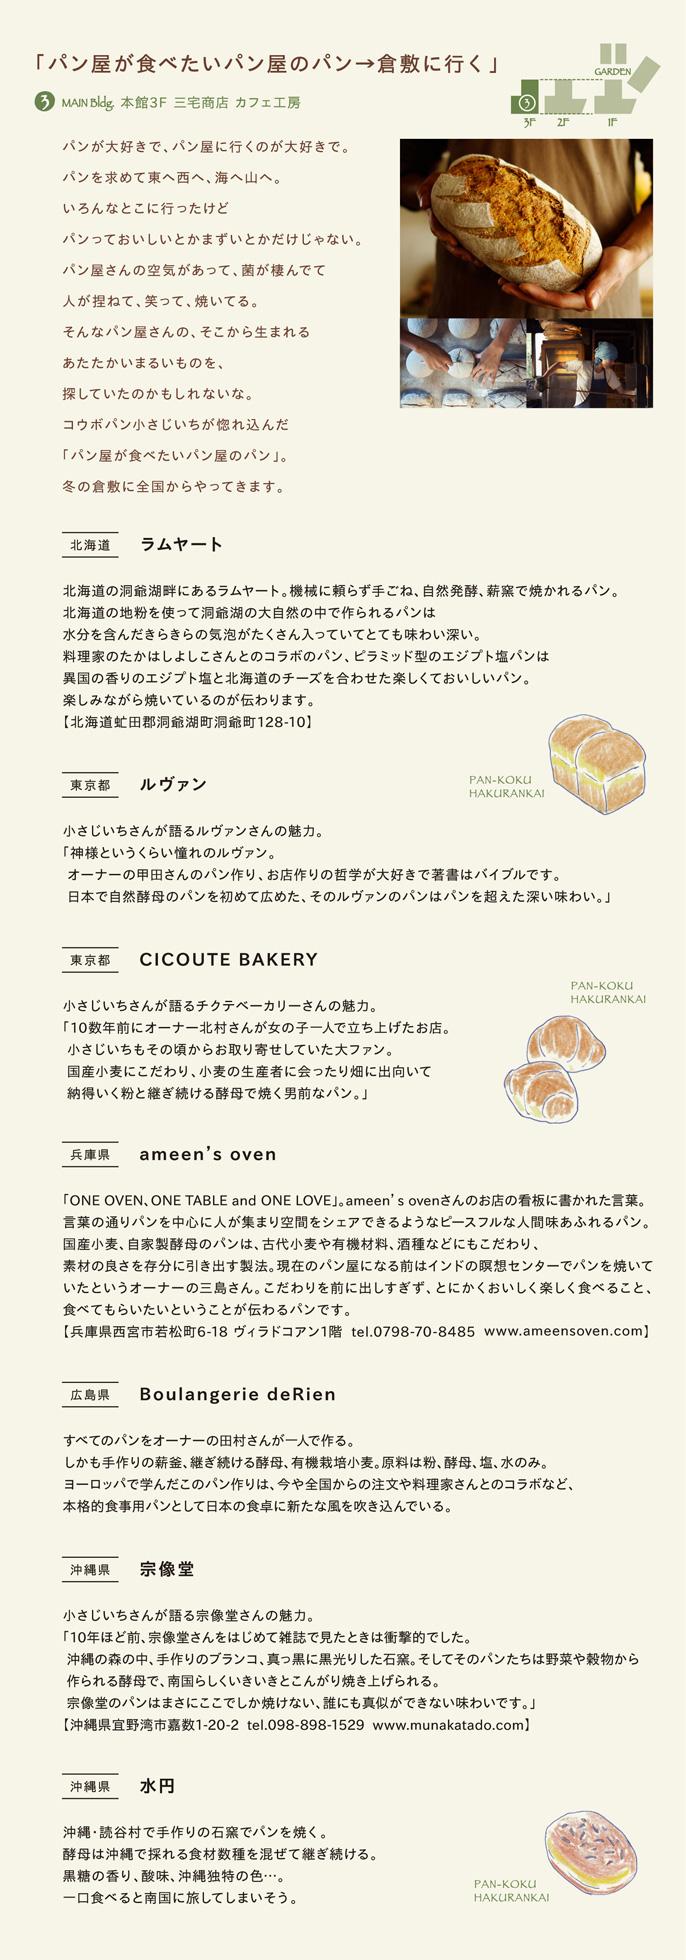 パン屋が食べたいパン屋のパン→倉敷に行く